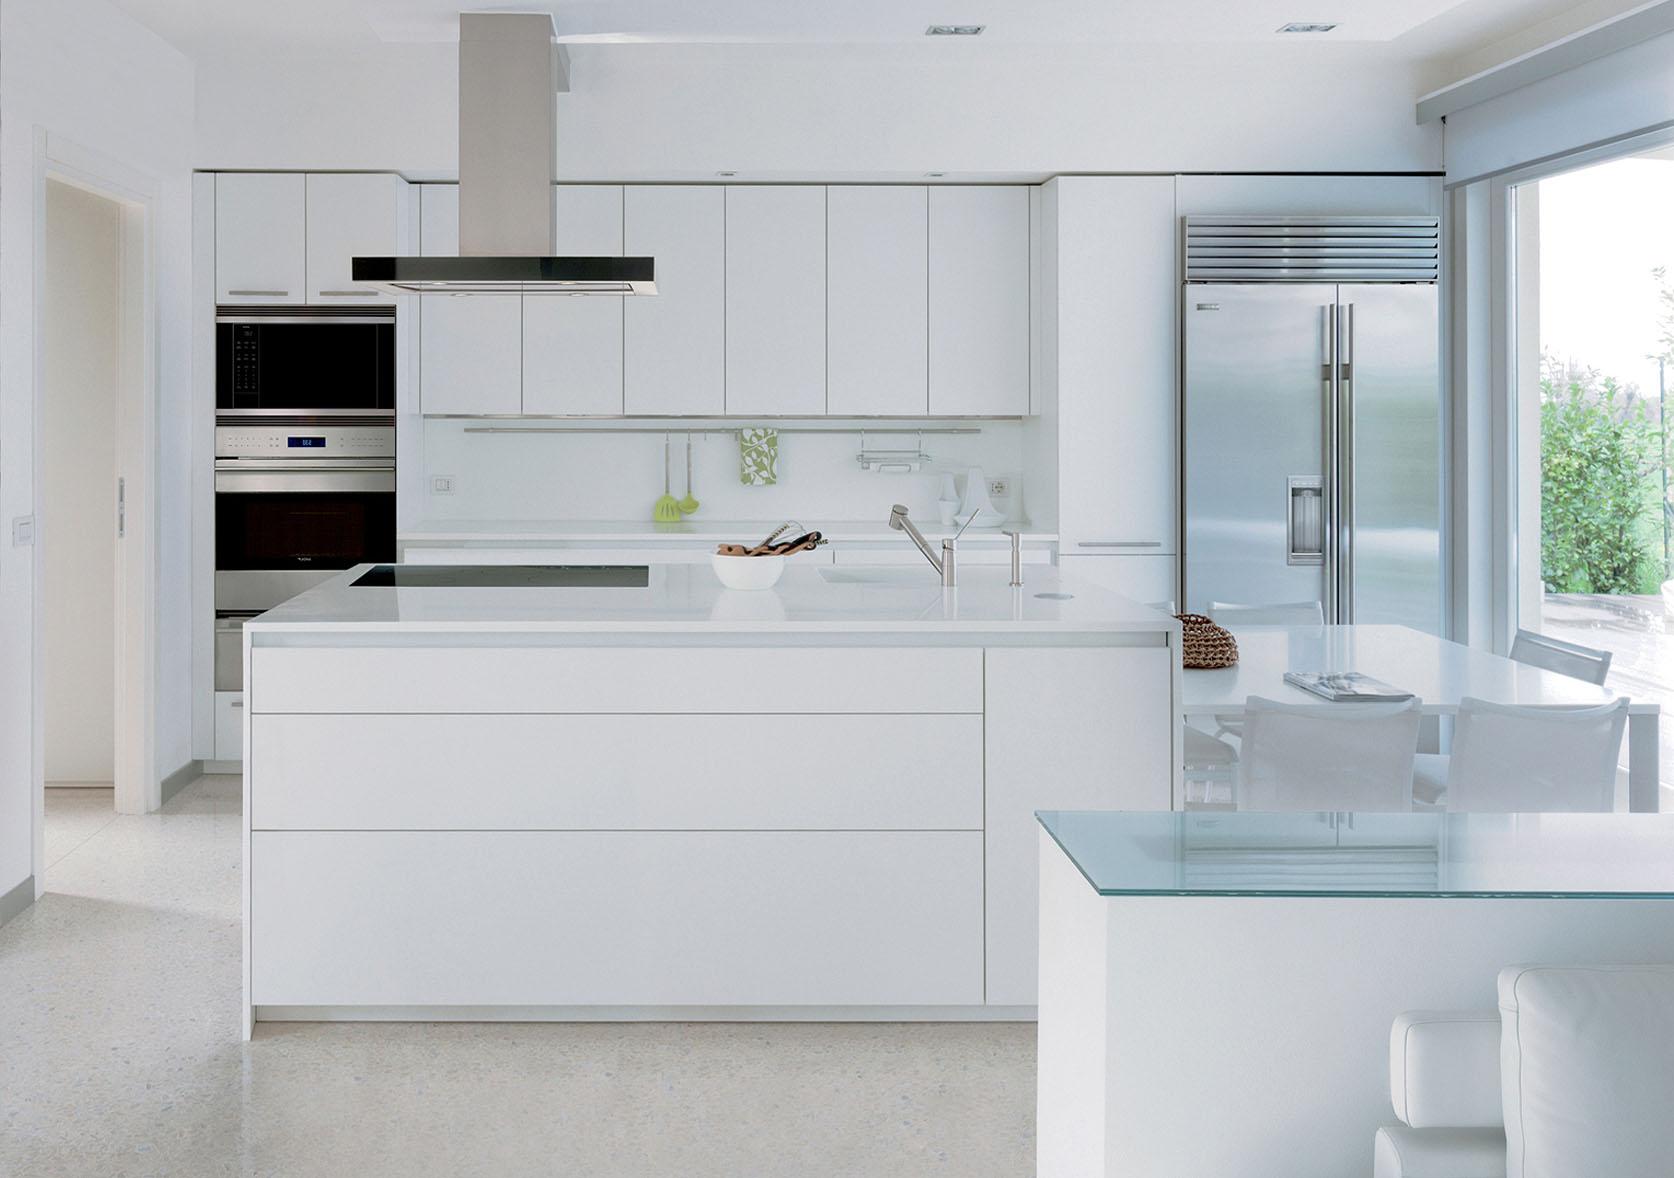 Simplicité d'un design à la blancheur immaculée.